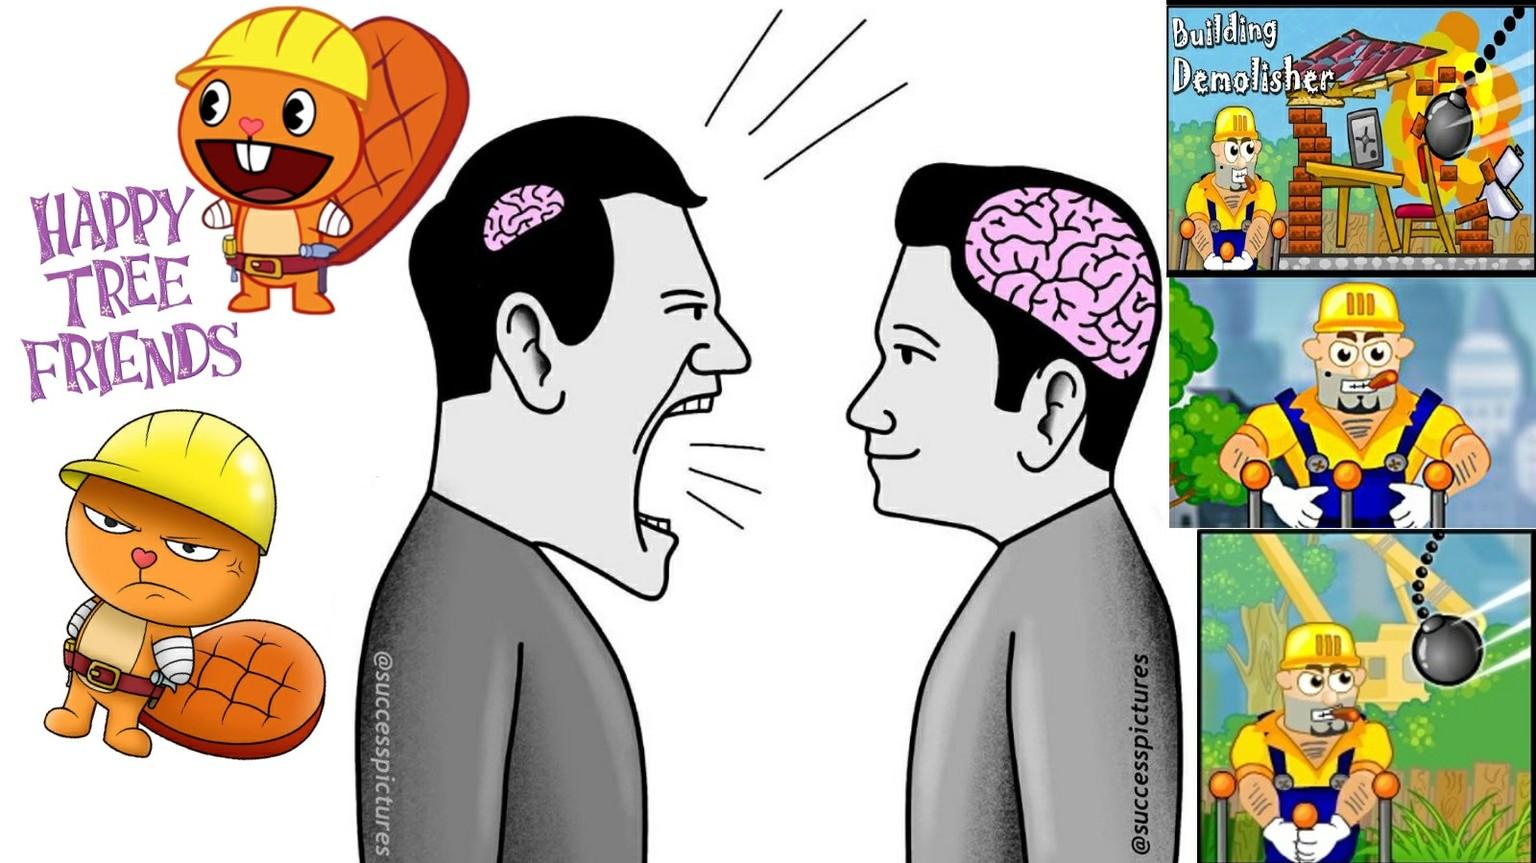 Contexto: El de la derecha es un juego donde el obrero muere de formas muy gore - meme